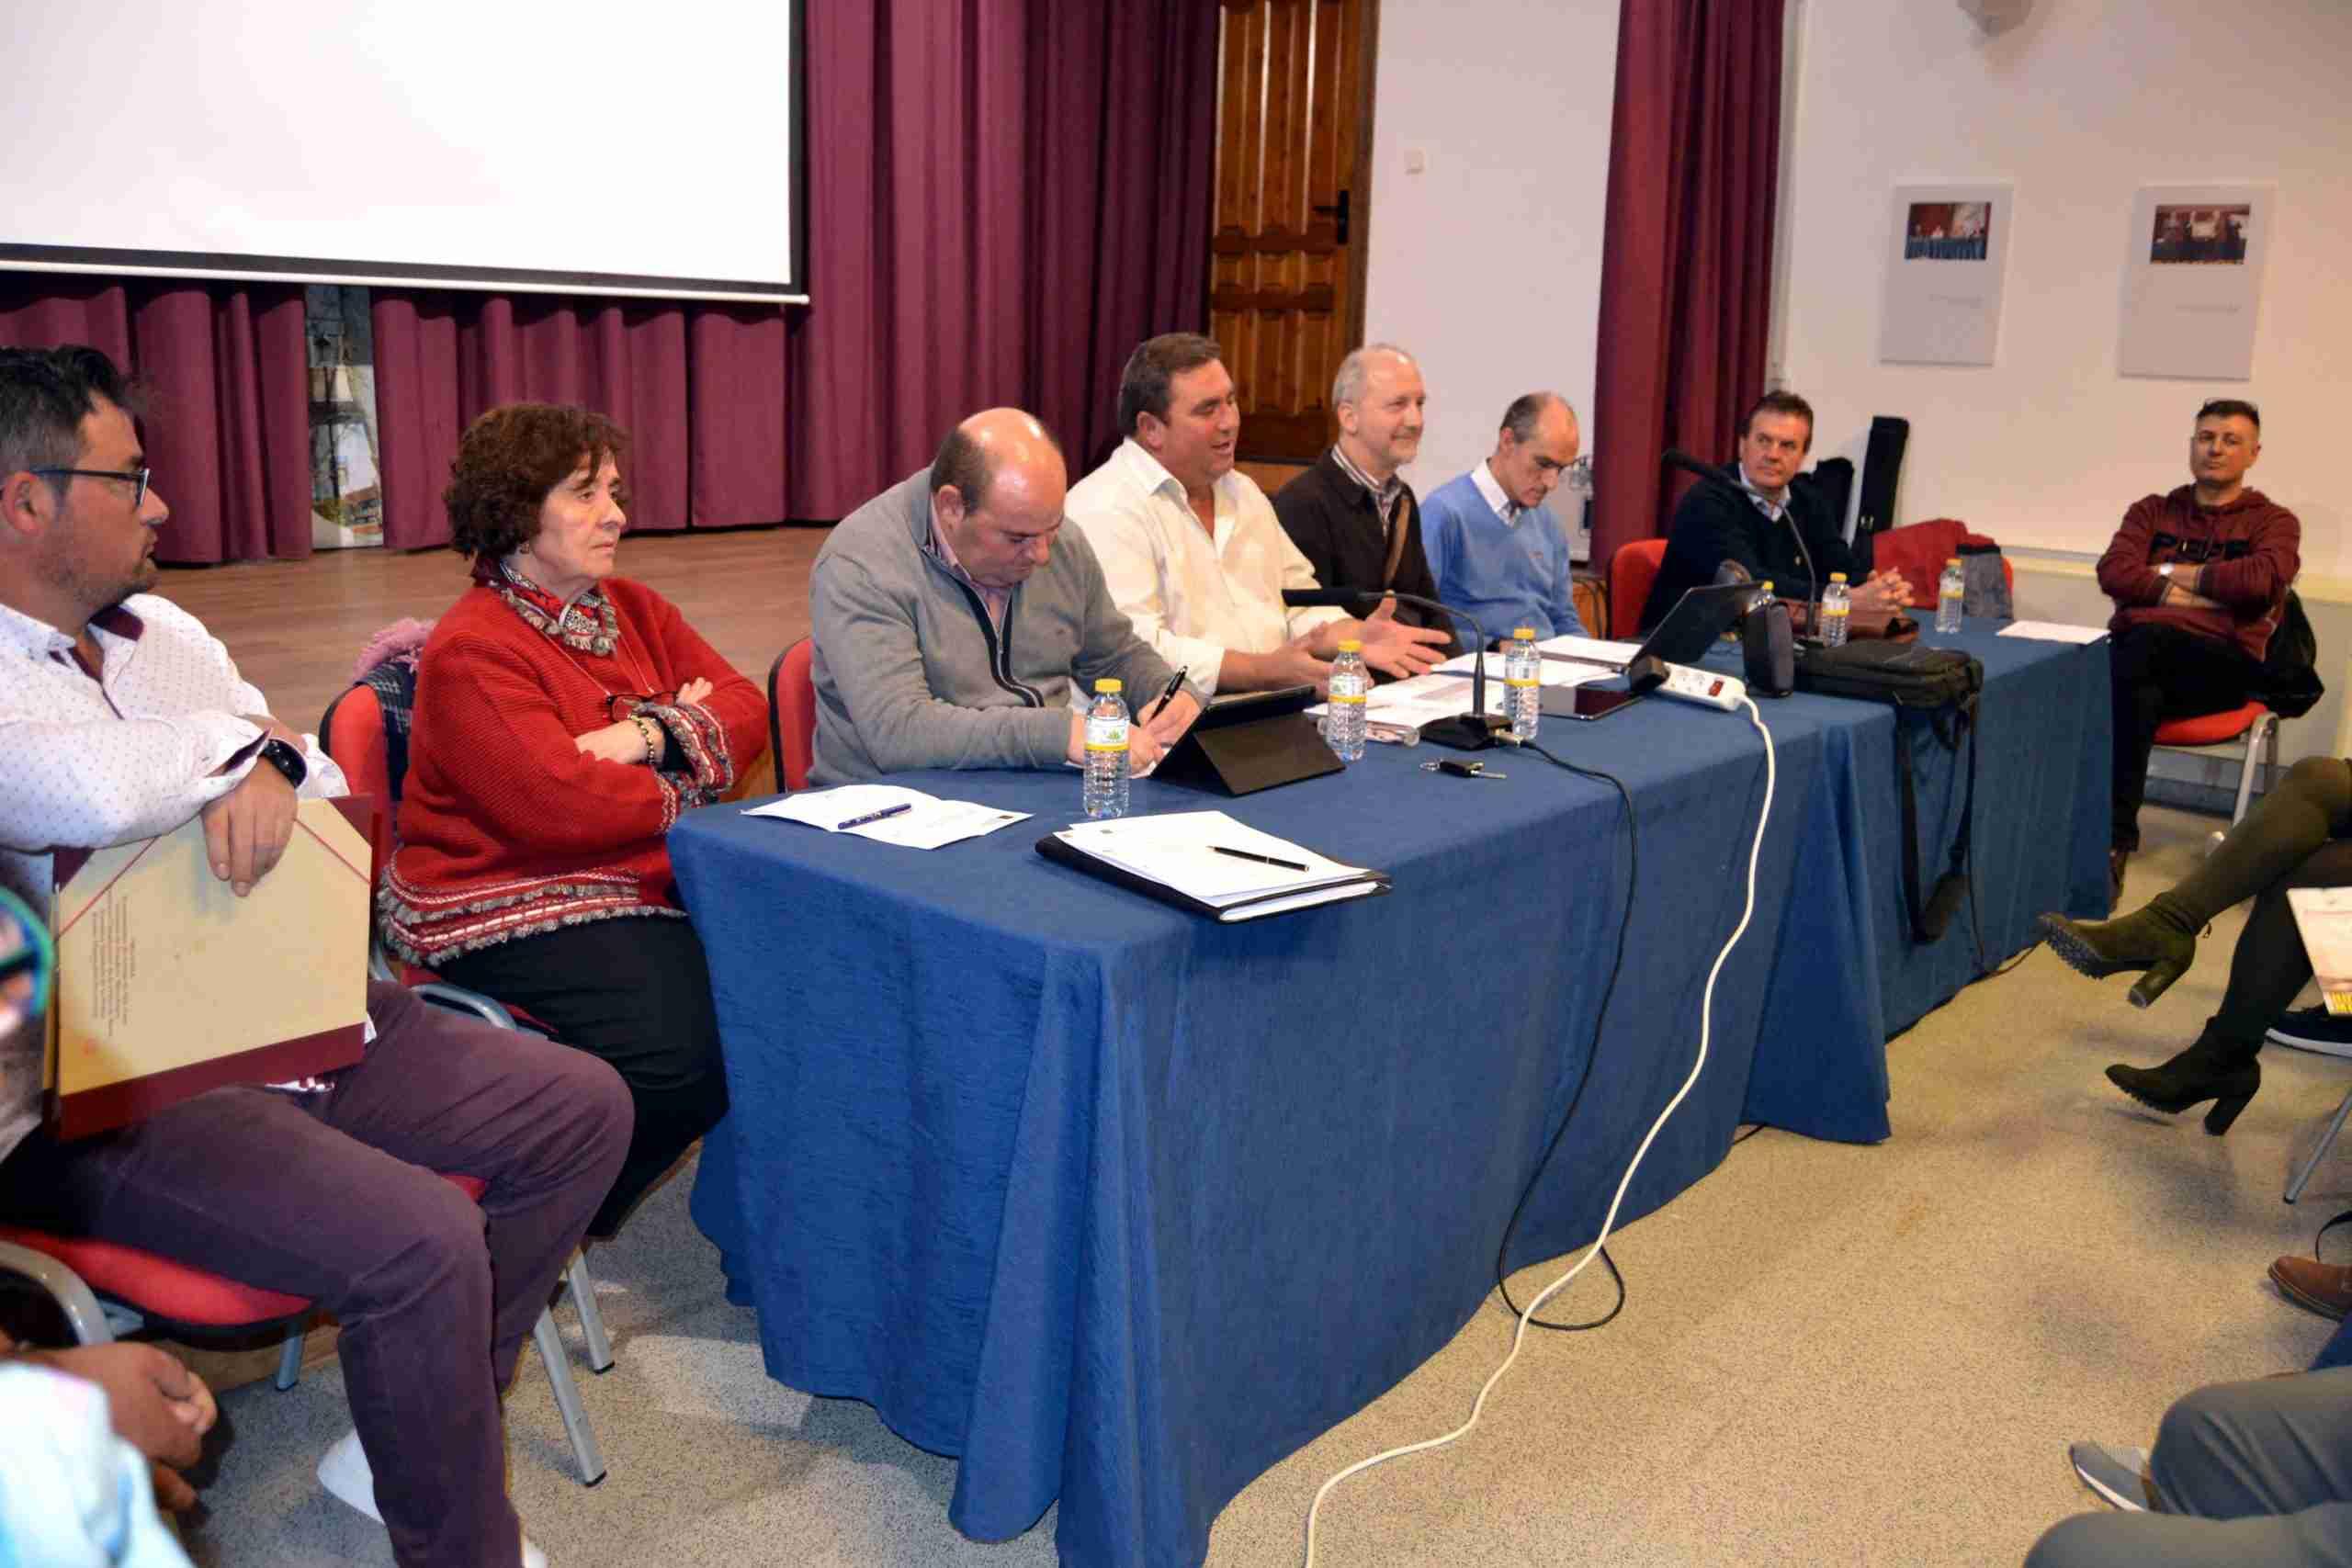 La Asamblea del Alto Guadiana Mancha hace balance de los proyectos tramitados y su estado de ejecución hasta la fecha 11